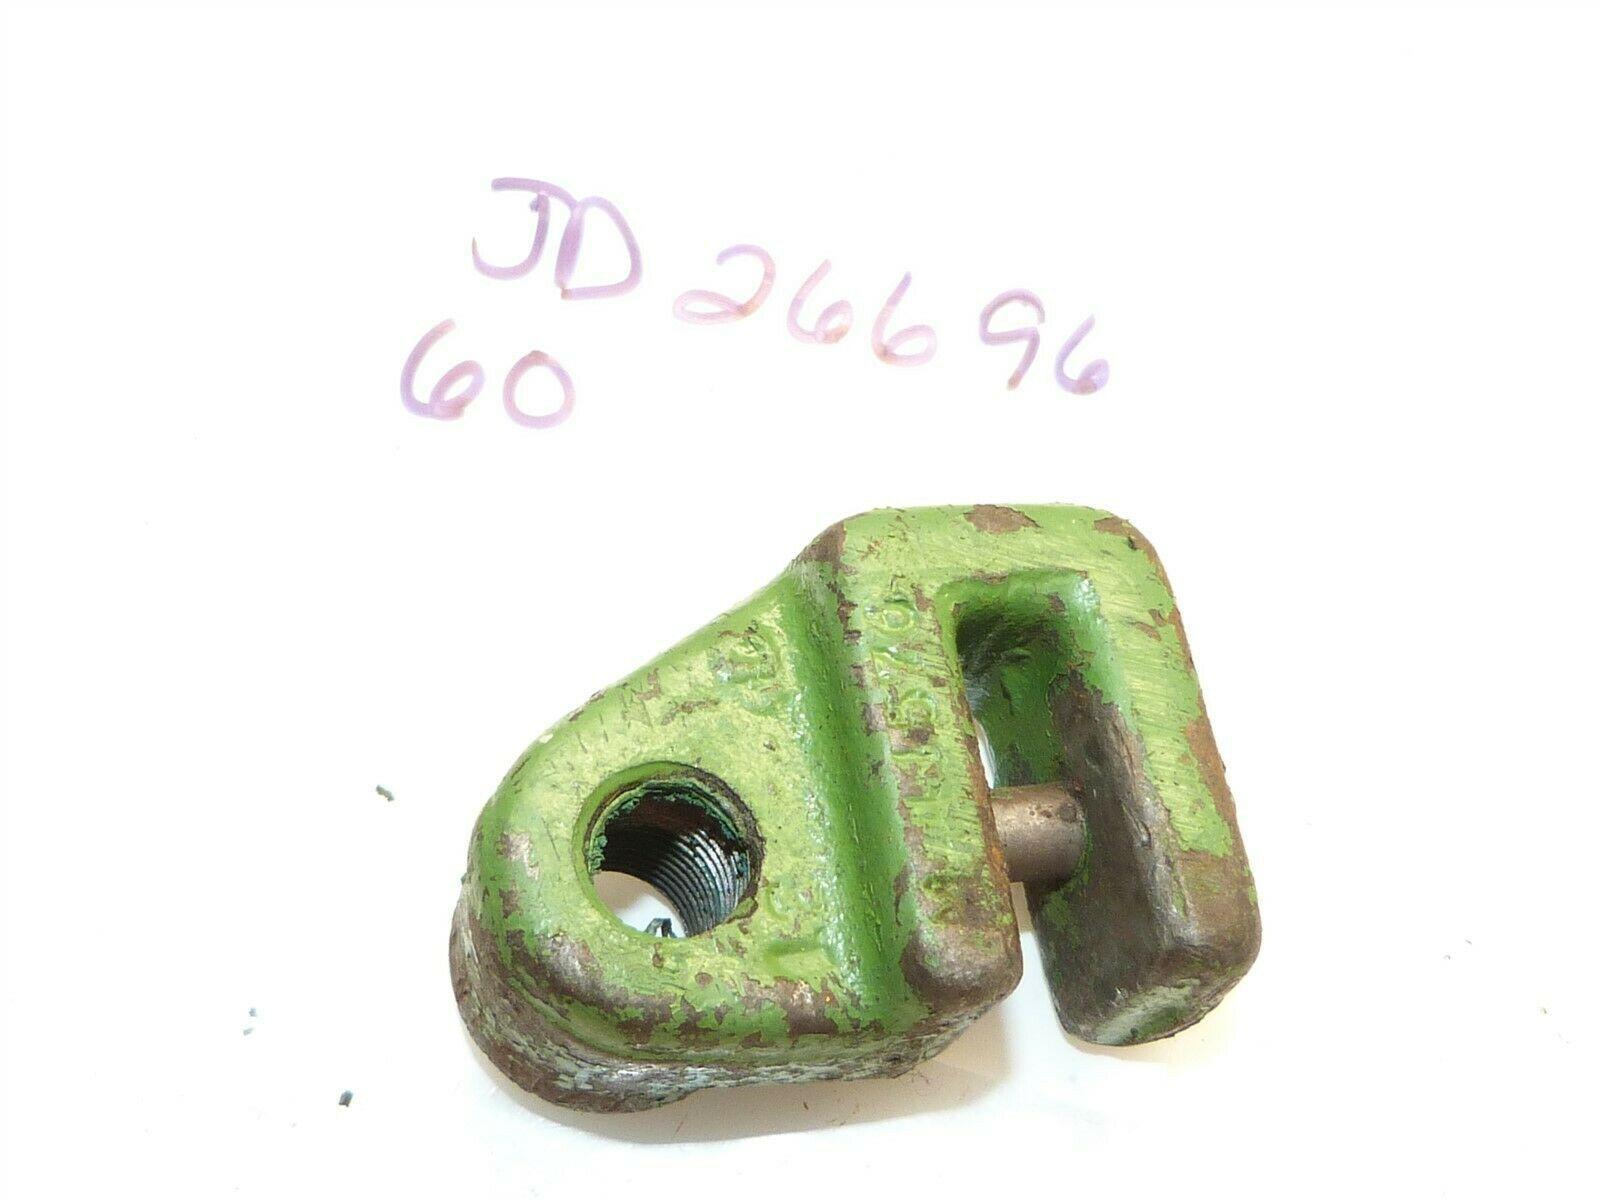 John Deere 60 Mower PTO Rod Hanger - $18.94